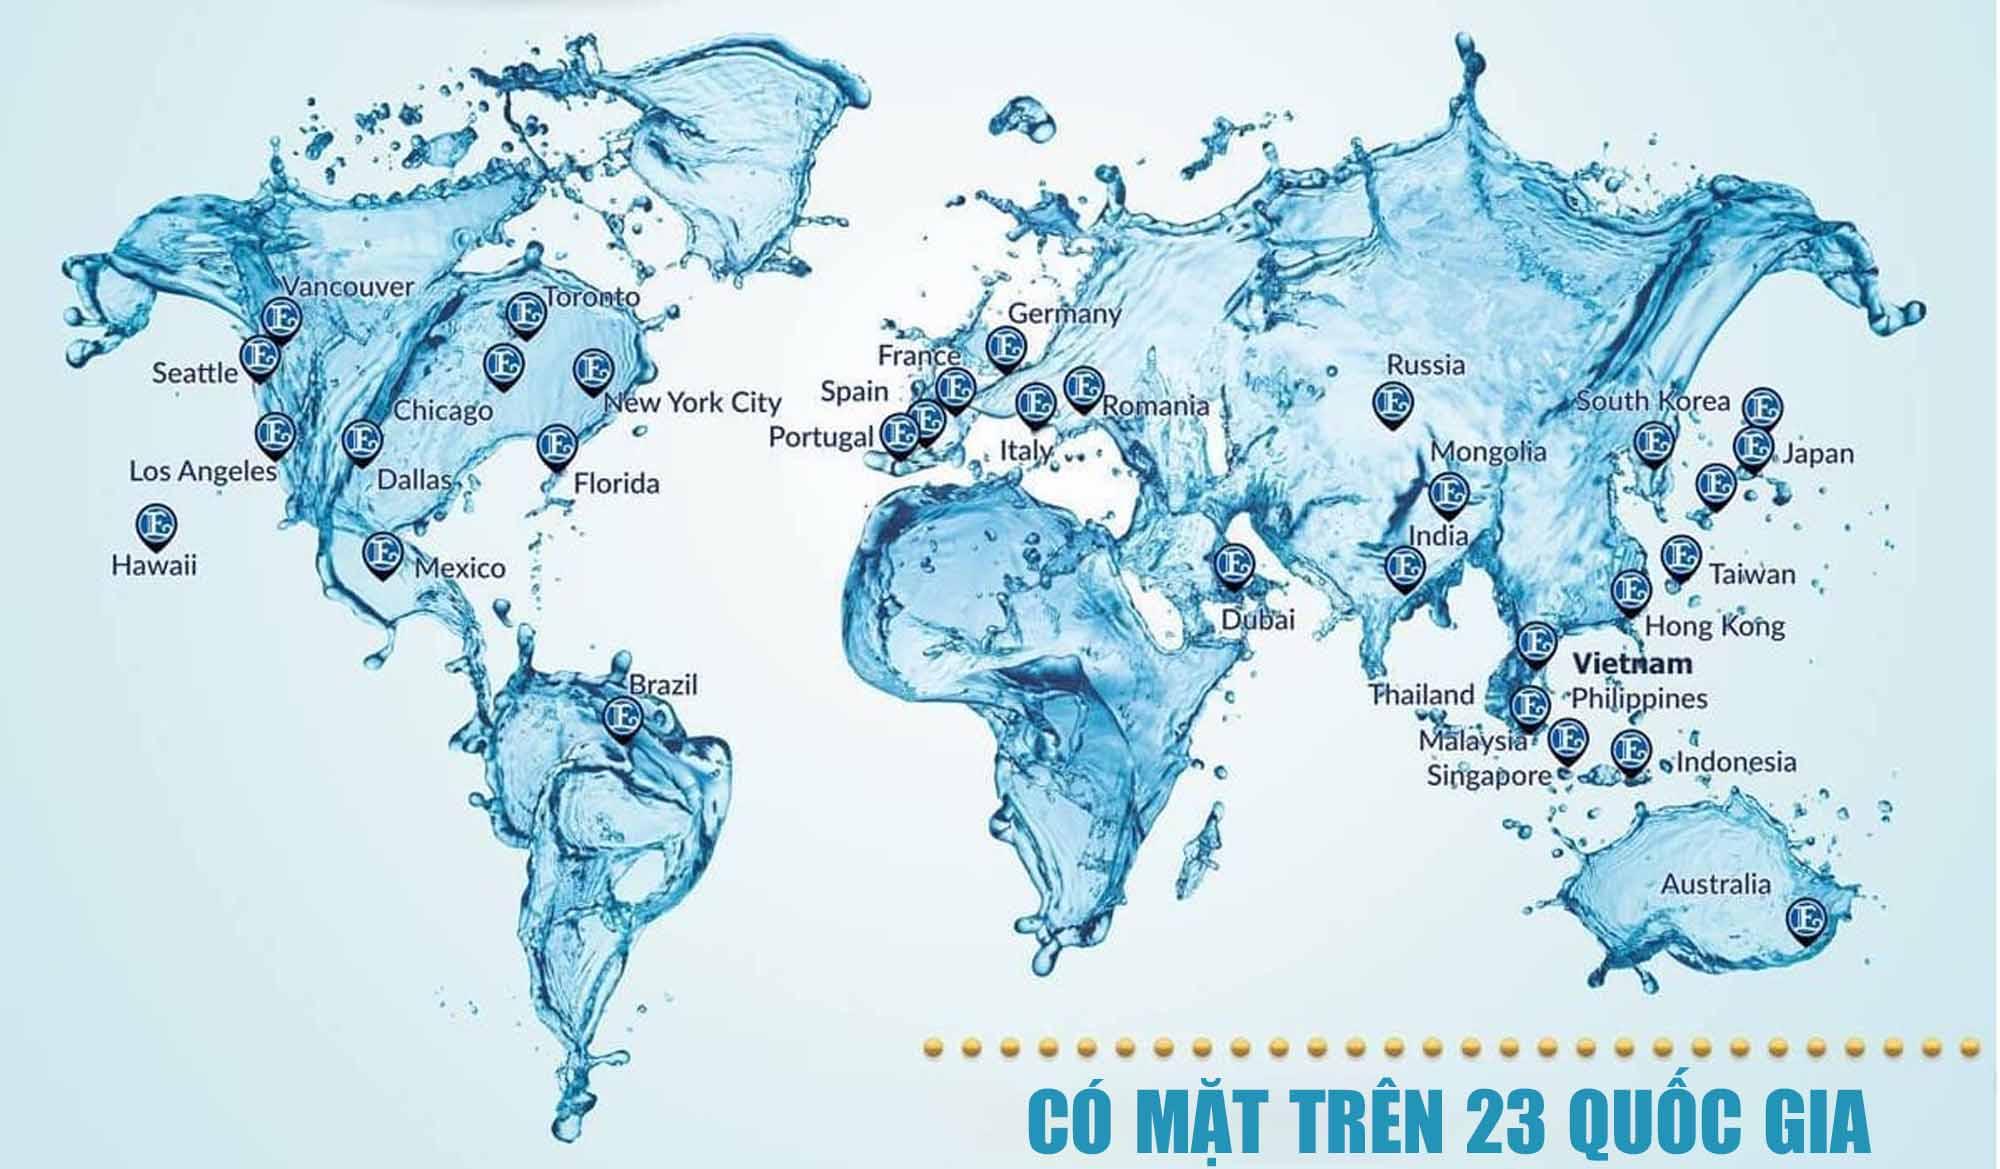 Máy lọc Kangen đã có mặt ở rất nhiều quốc gia trên thế giới